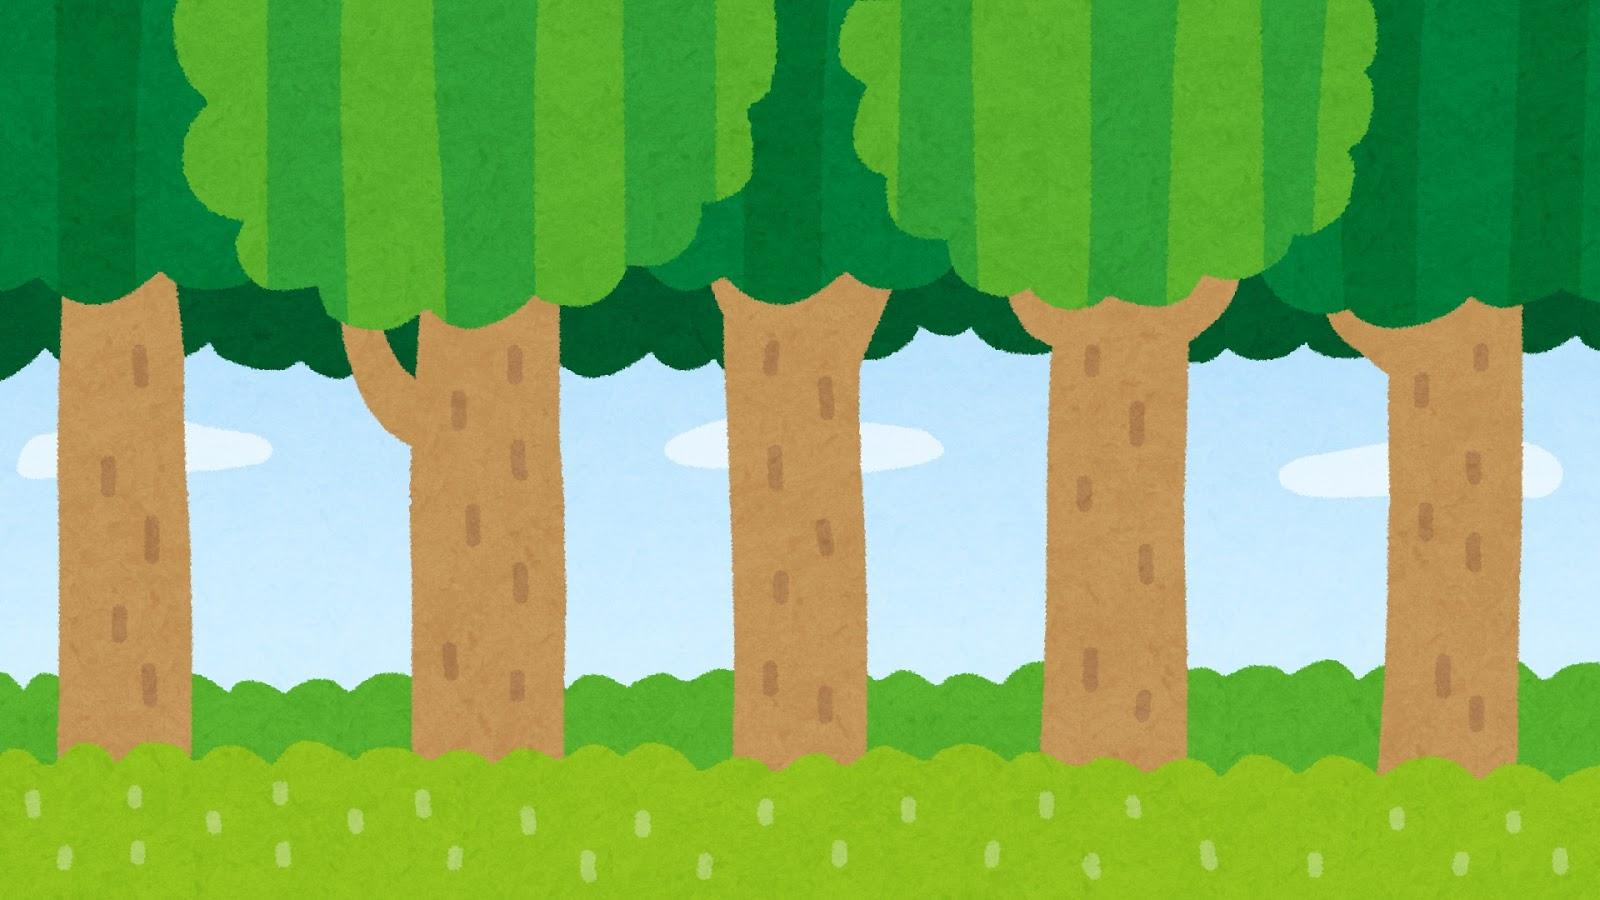 森のイラスト(背景素材) | かわいいフリー素材集 いらすとや